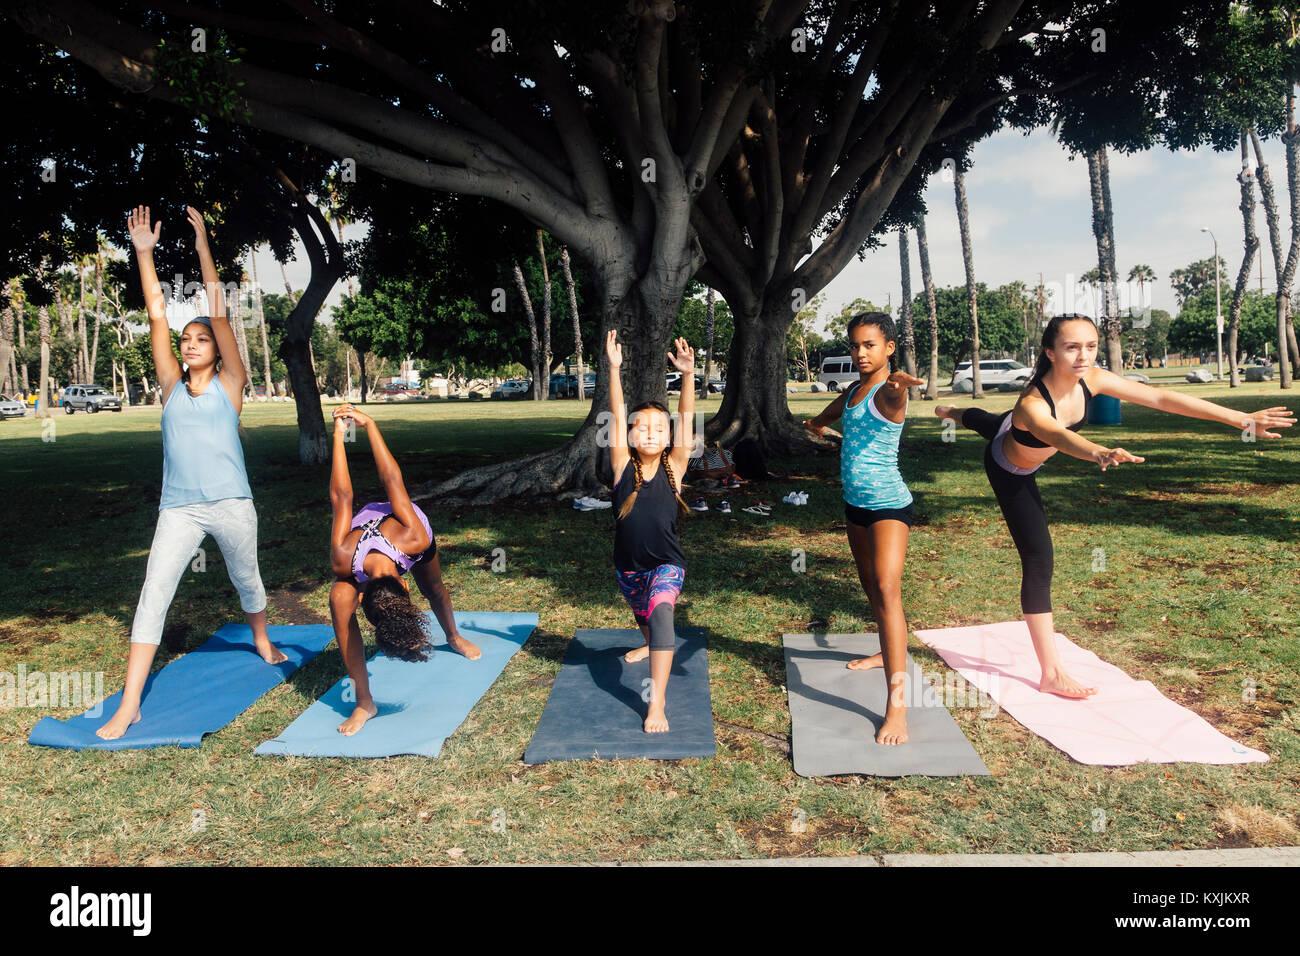 Les filles et les jeunes filles pratiquant le yoga warrior présentent pour l'école du jeu Photo Stock